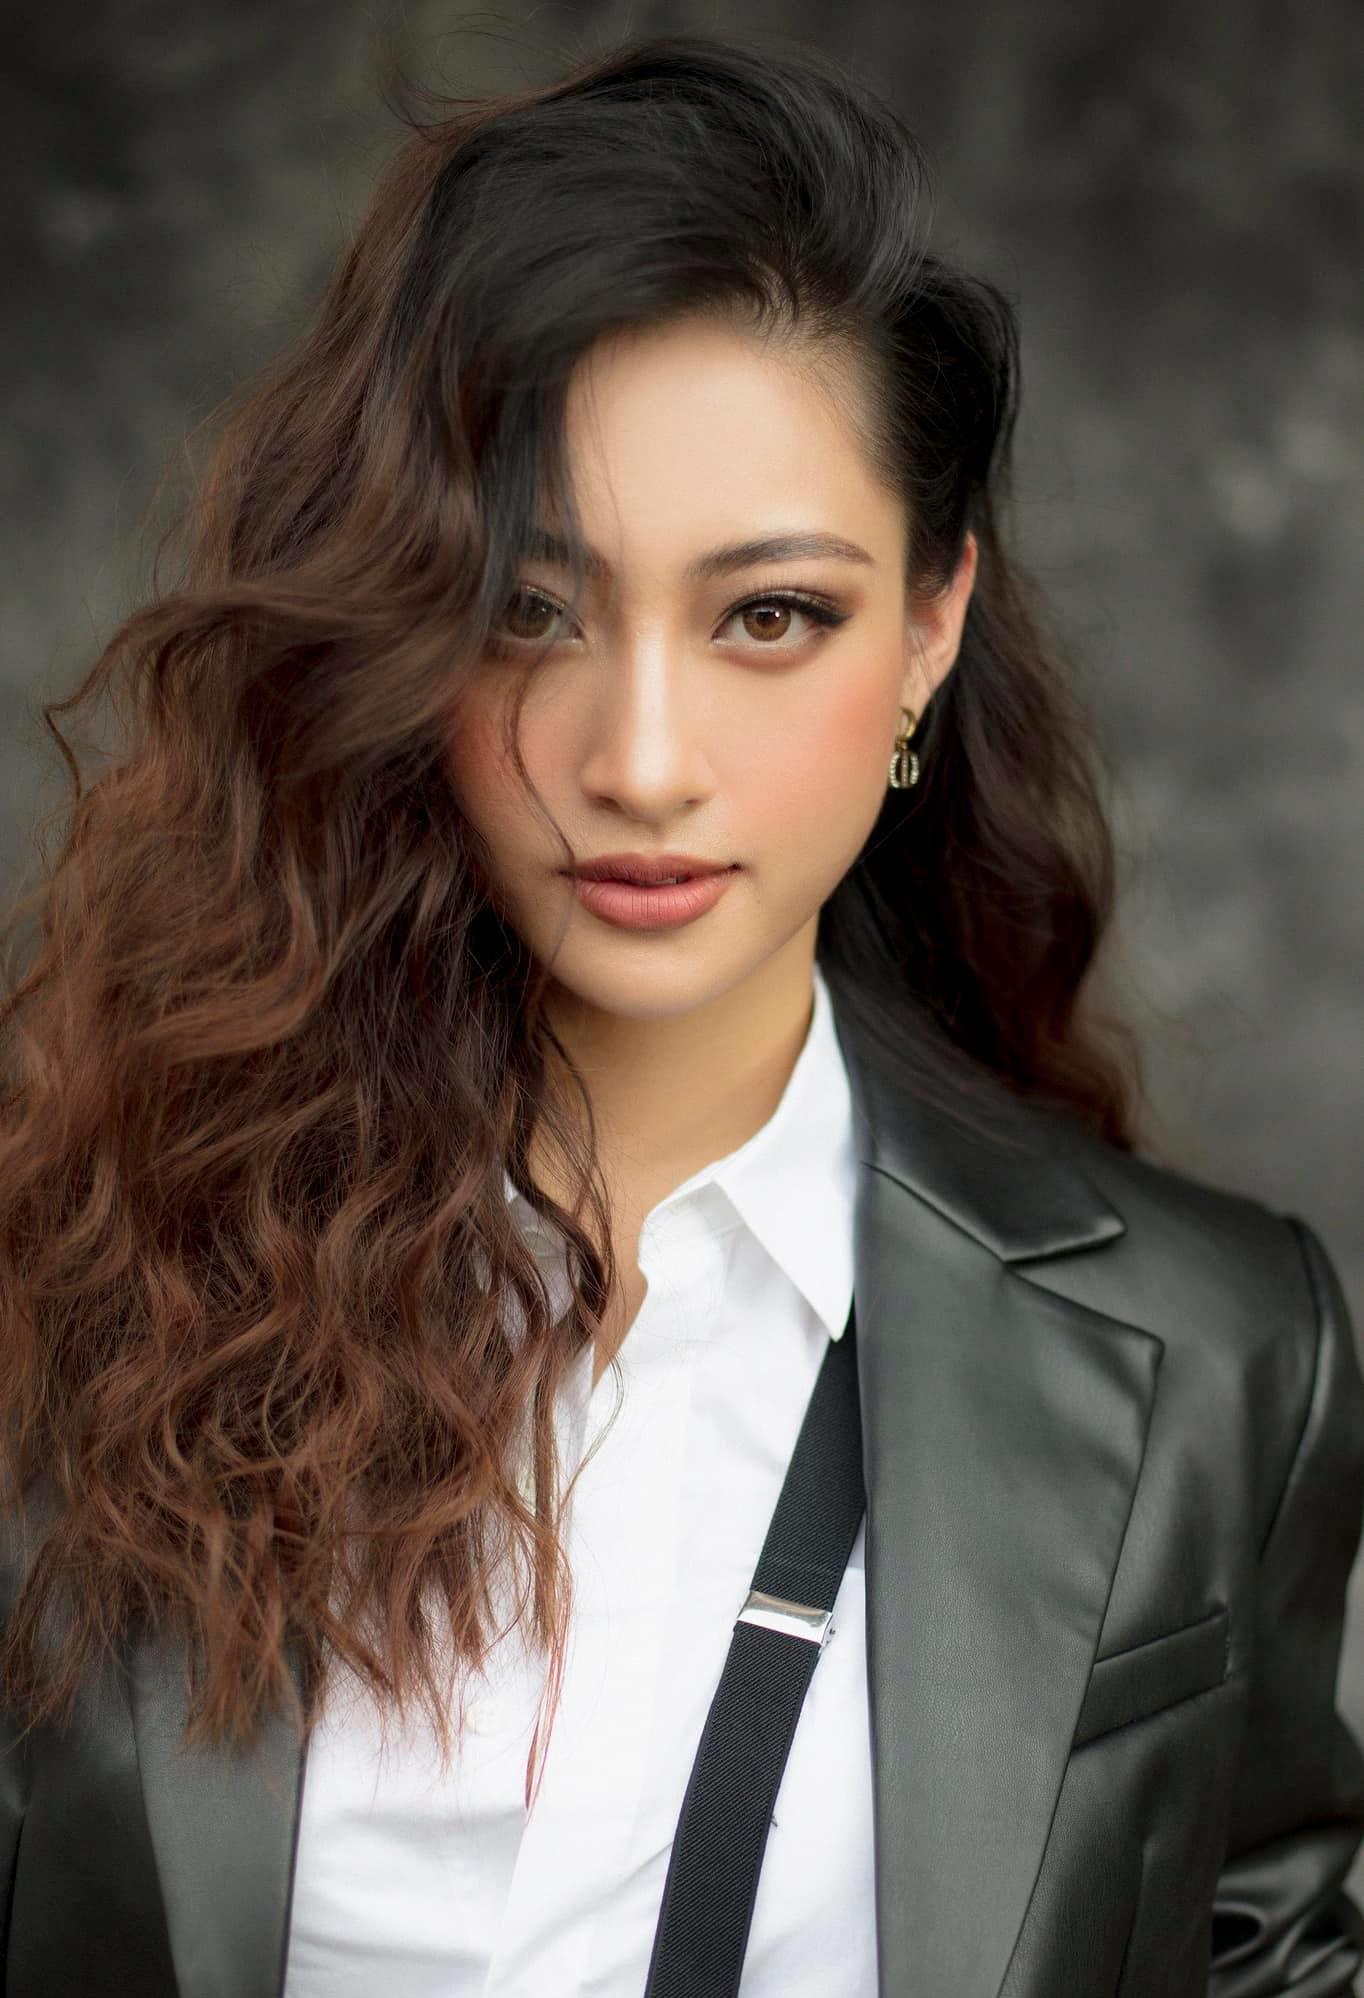 Hoa hậu Cao Bằng có số đo đẹp nhất buông cúc áo ngực hờ hững gợi cảm mê người - 1